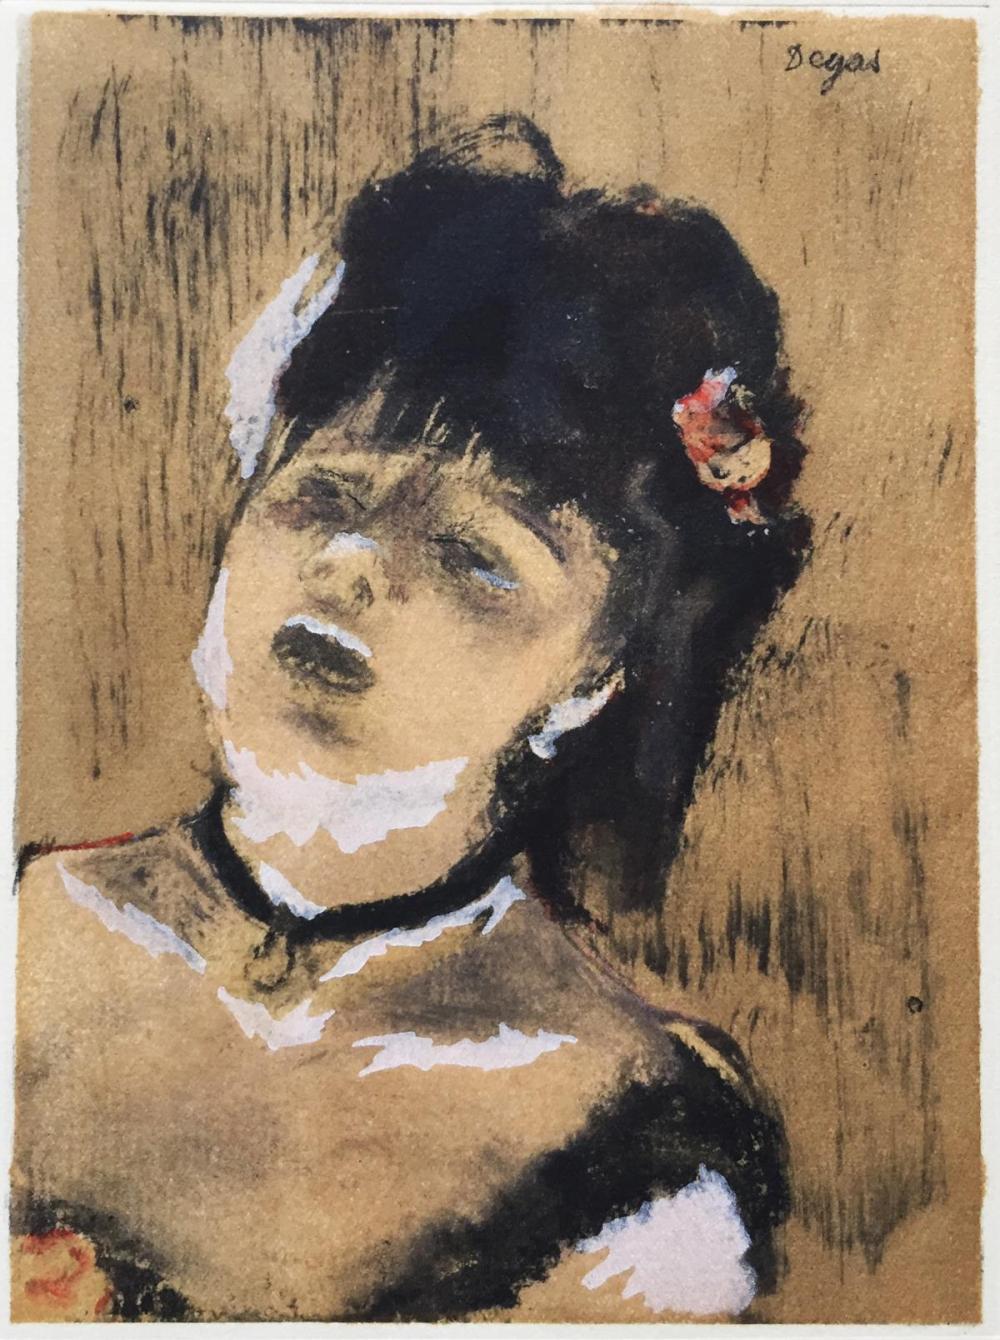 Edgar Degas (After) - La Chanteuse du Cafe Concert